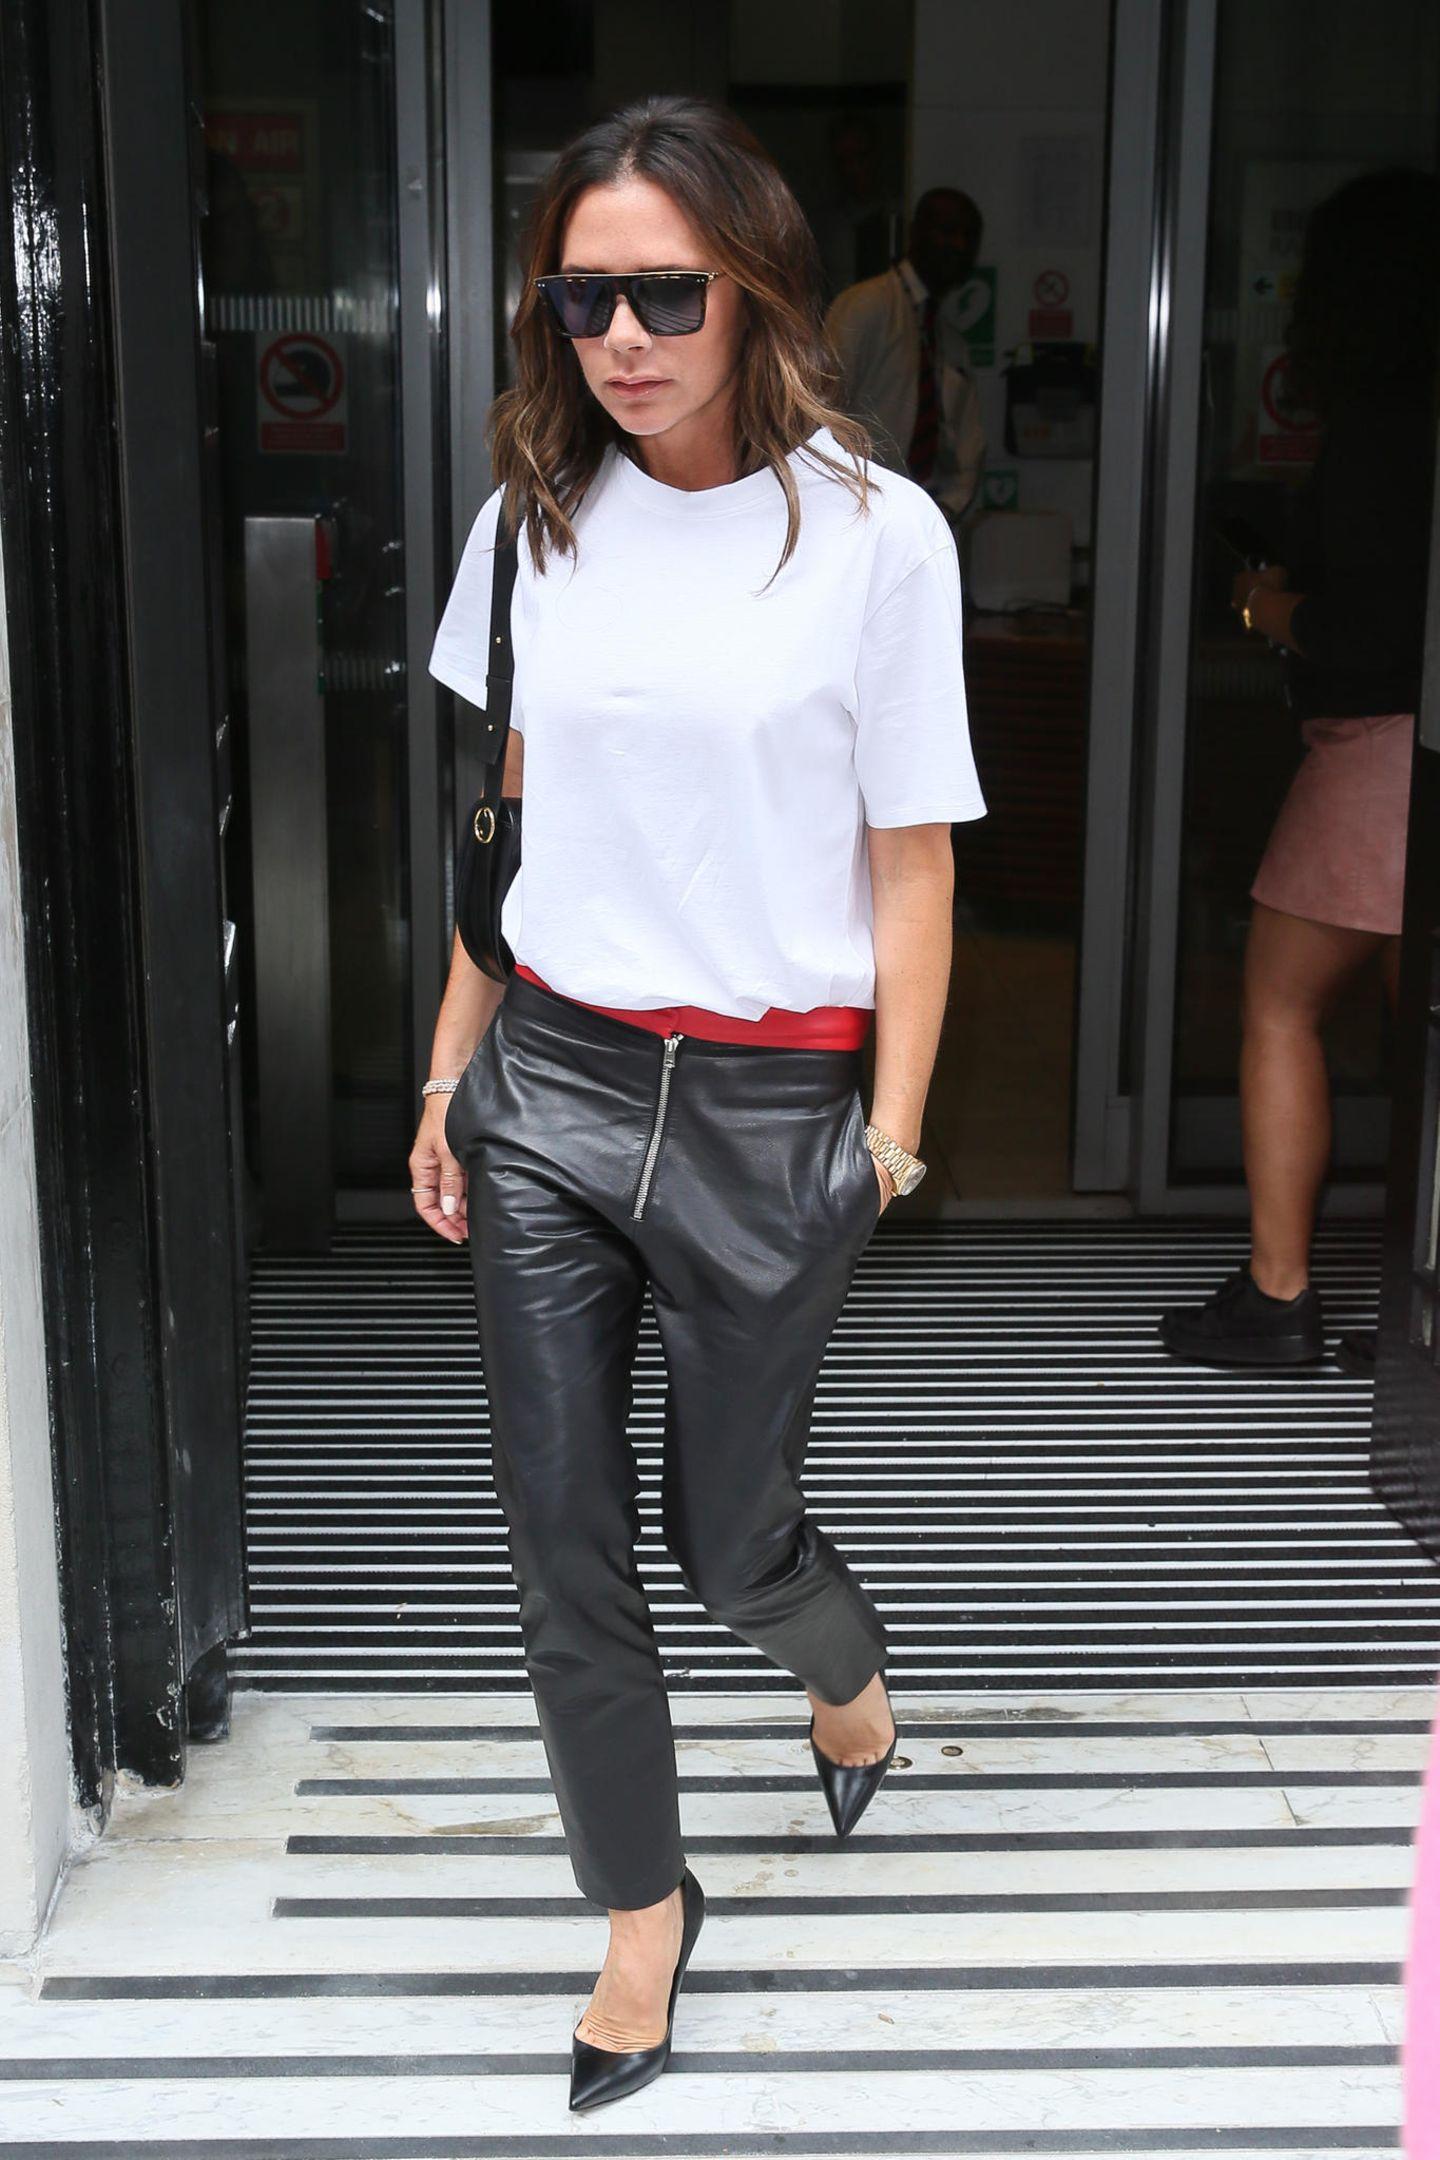 Selbst wenn Victoria Beckham sich einmal für einsportlichesOutfit entscheidet, ist dieses noch immer äußerst cool. Ihr aktueller Liebling für den Herbst 2018: ihre weite Lederhose mit rotem Bündchen.